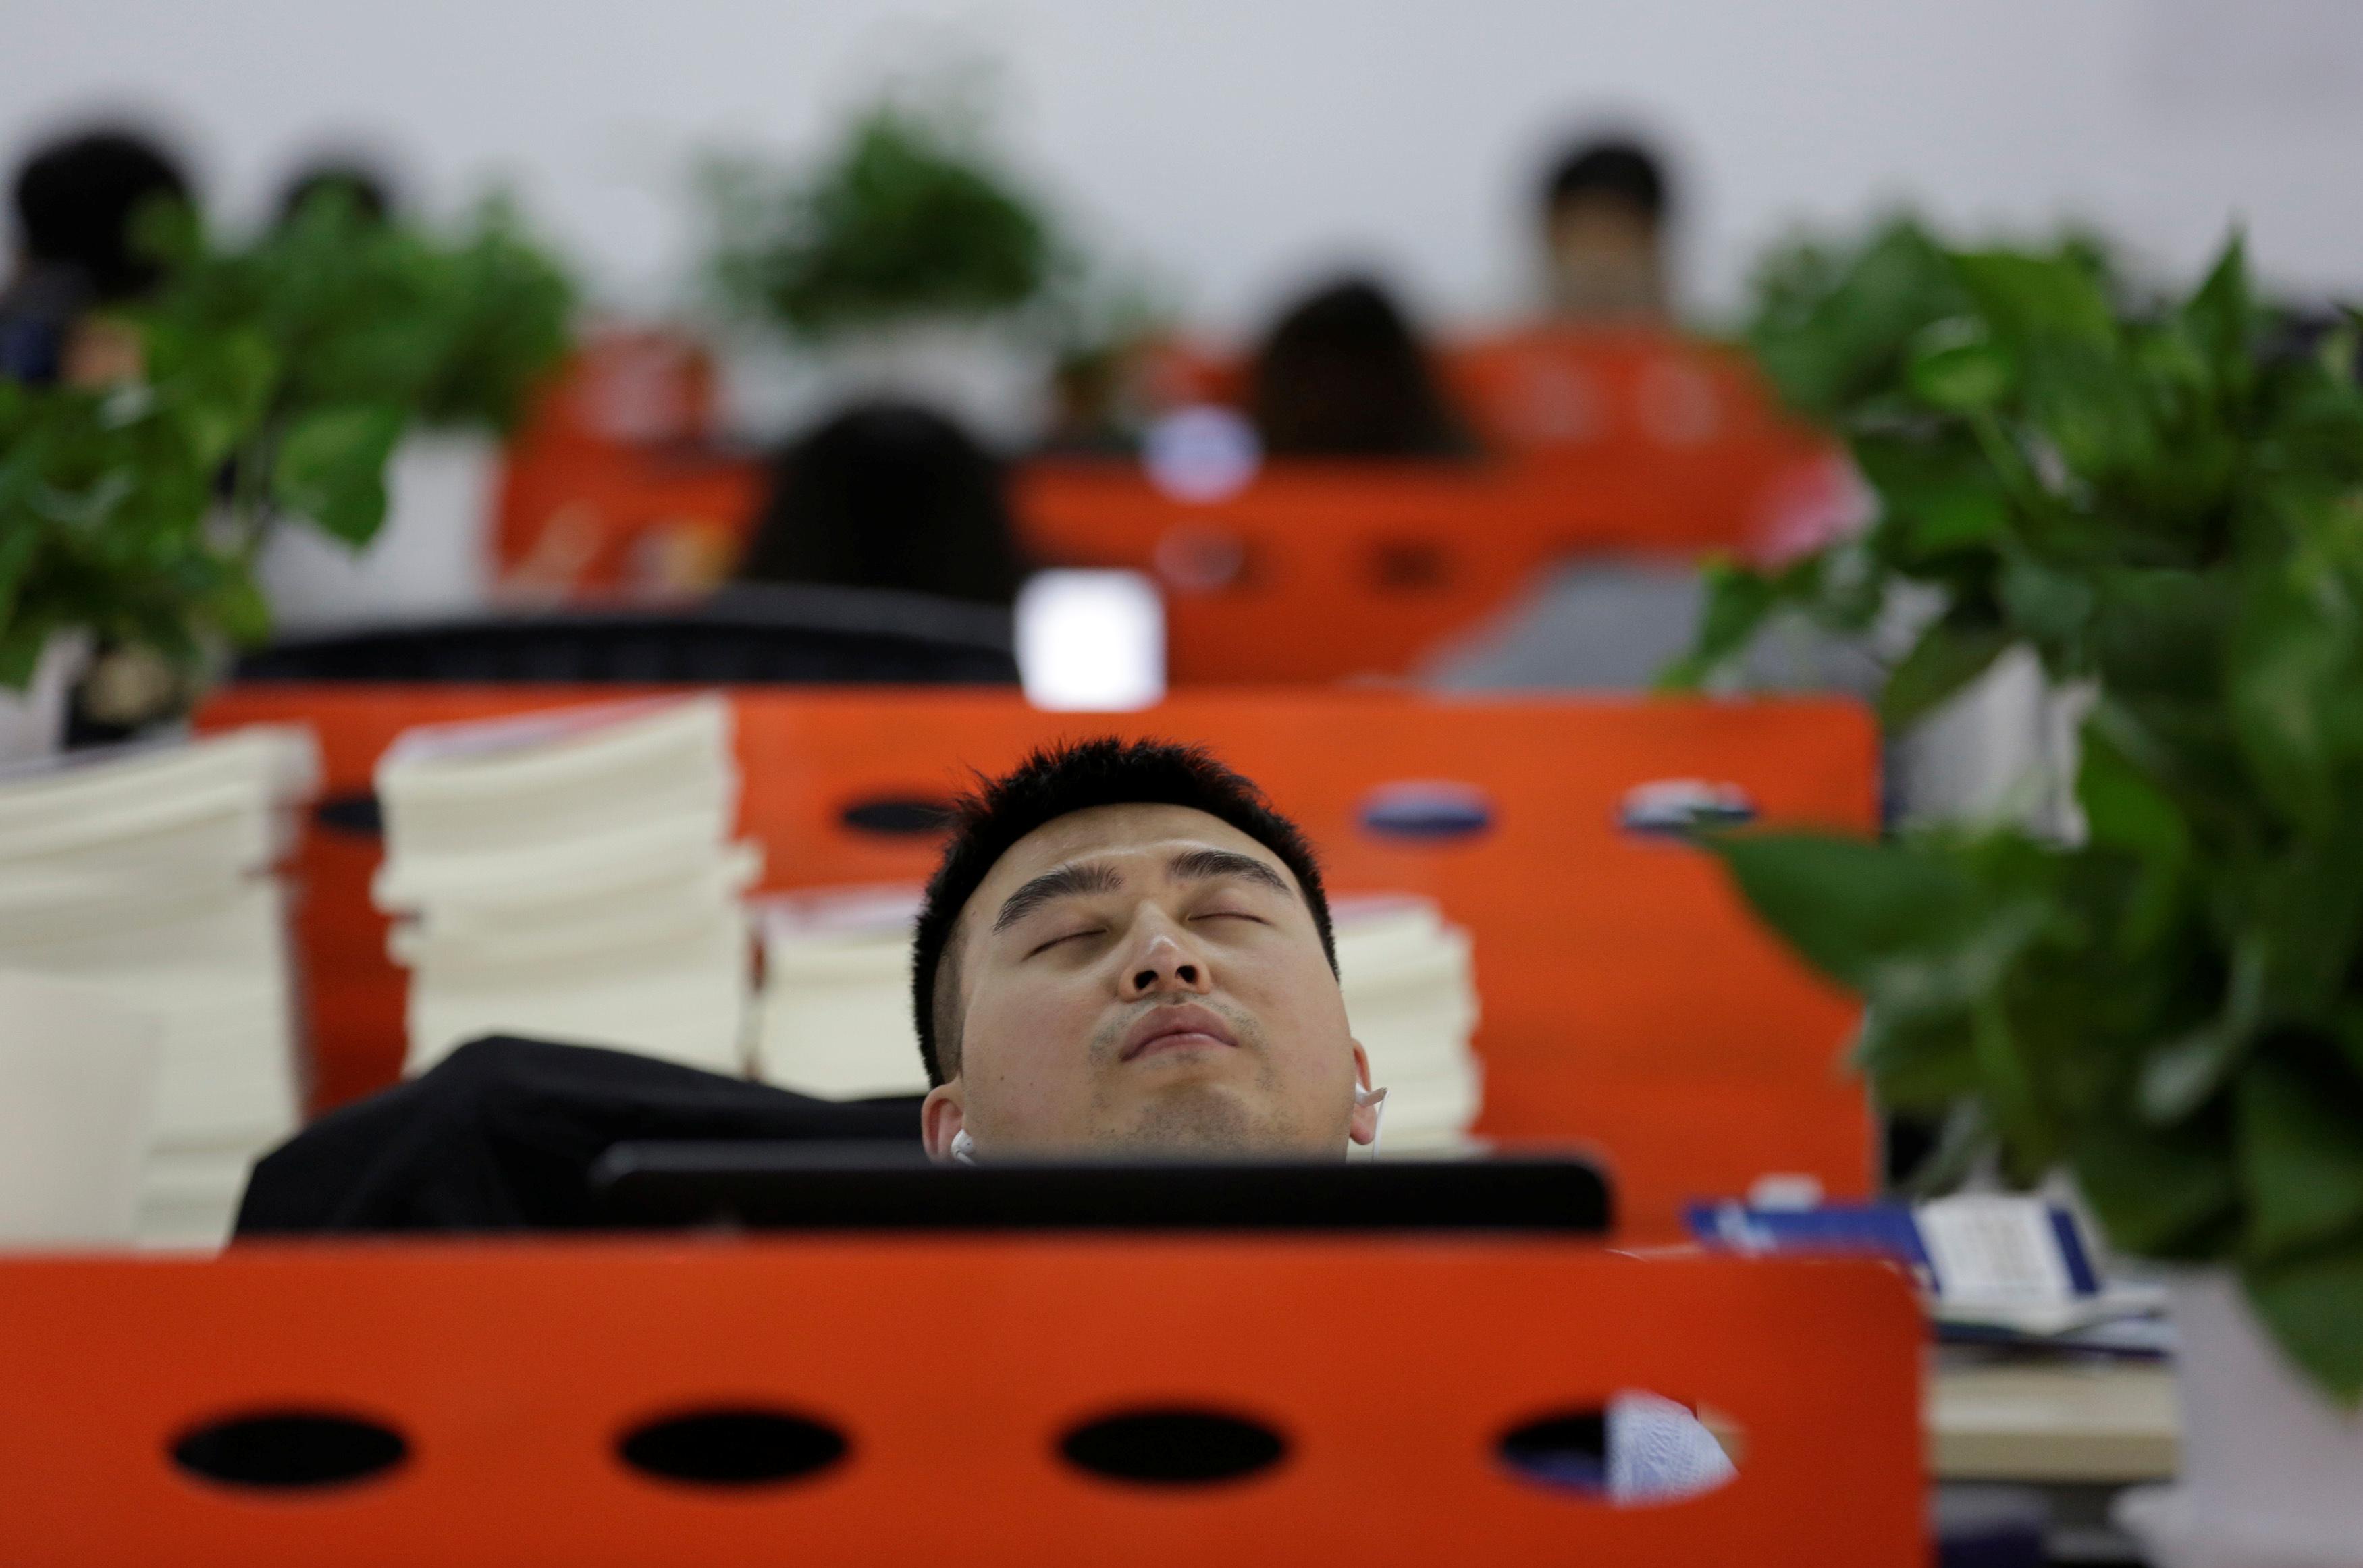 大金開發出空調控制系統,透過自動溫度調整驅散員工睡意